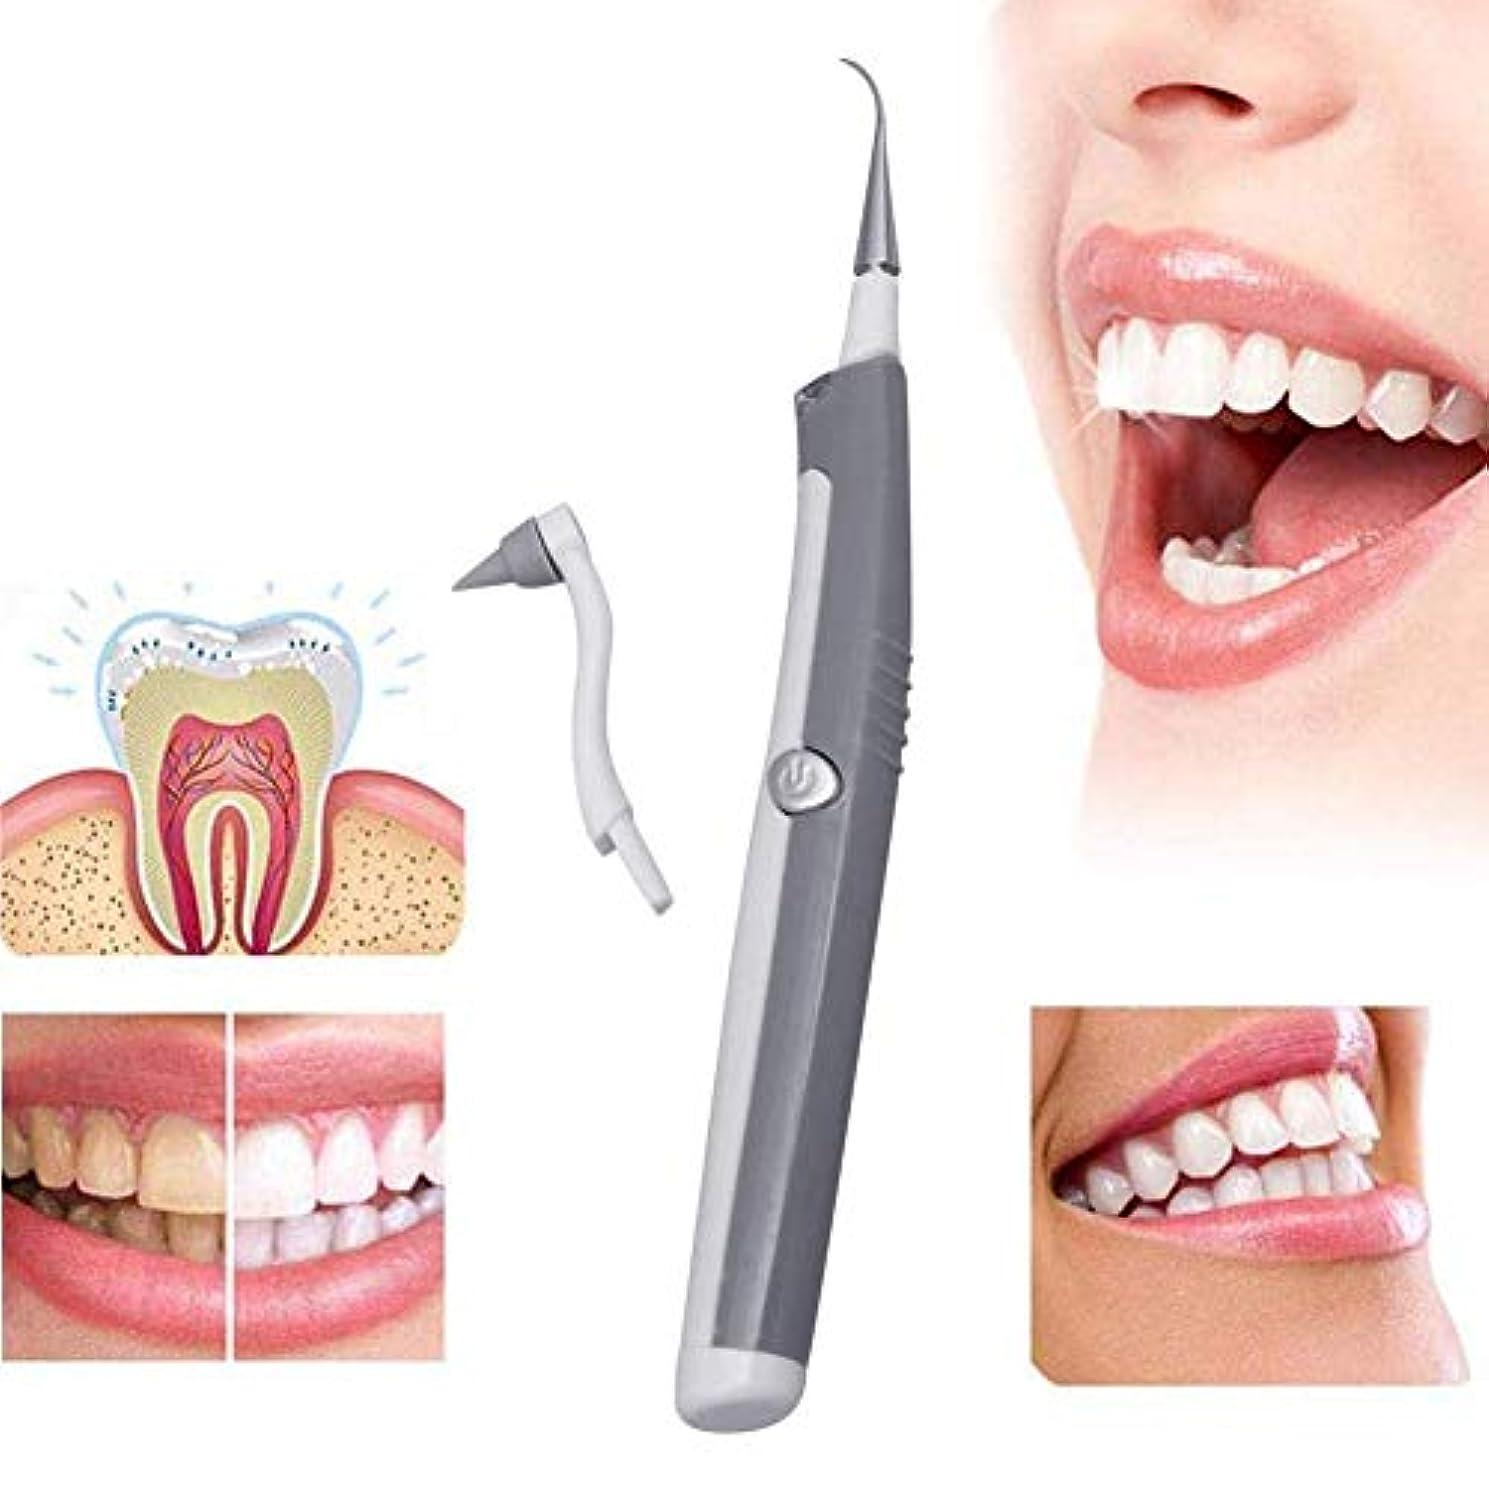 解釈する肯定的止まる振動歯ホワイトニングツール電動歯石マッサージ歯ホワイトニング歯科クリーニングスケーラ歯ツール